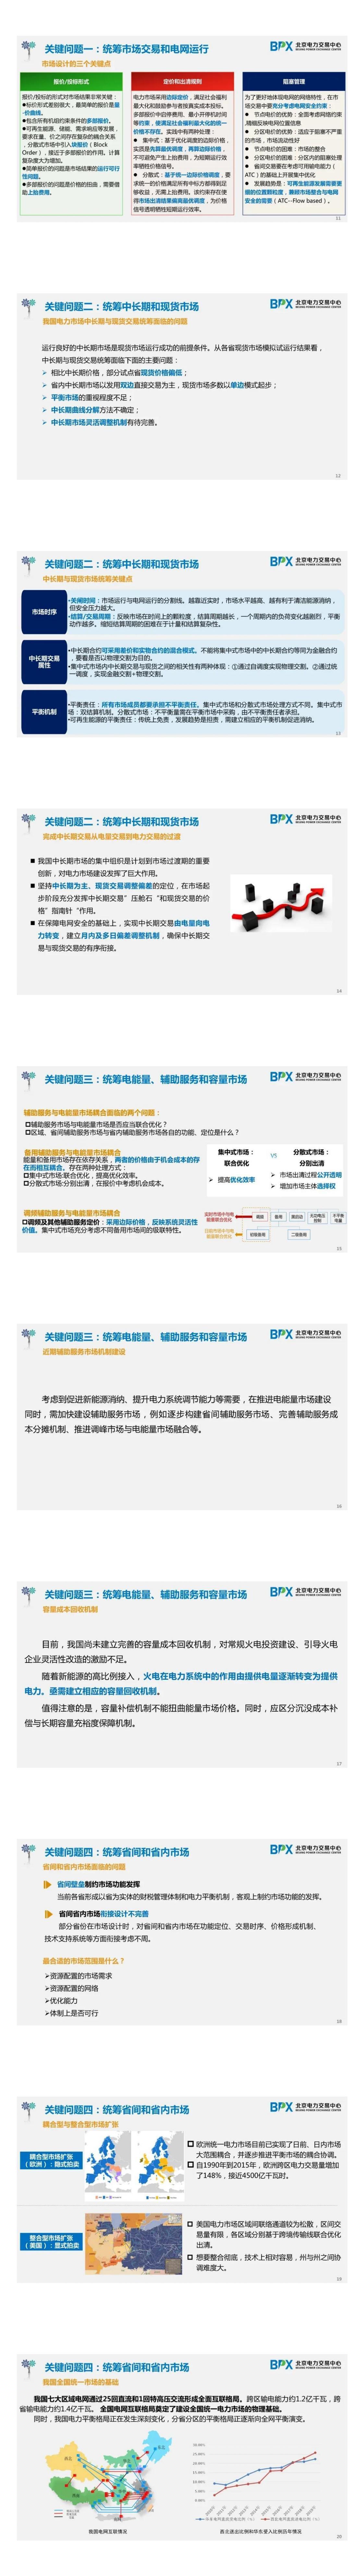 PPT 我国电力市场建设现状及设计的关键问题